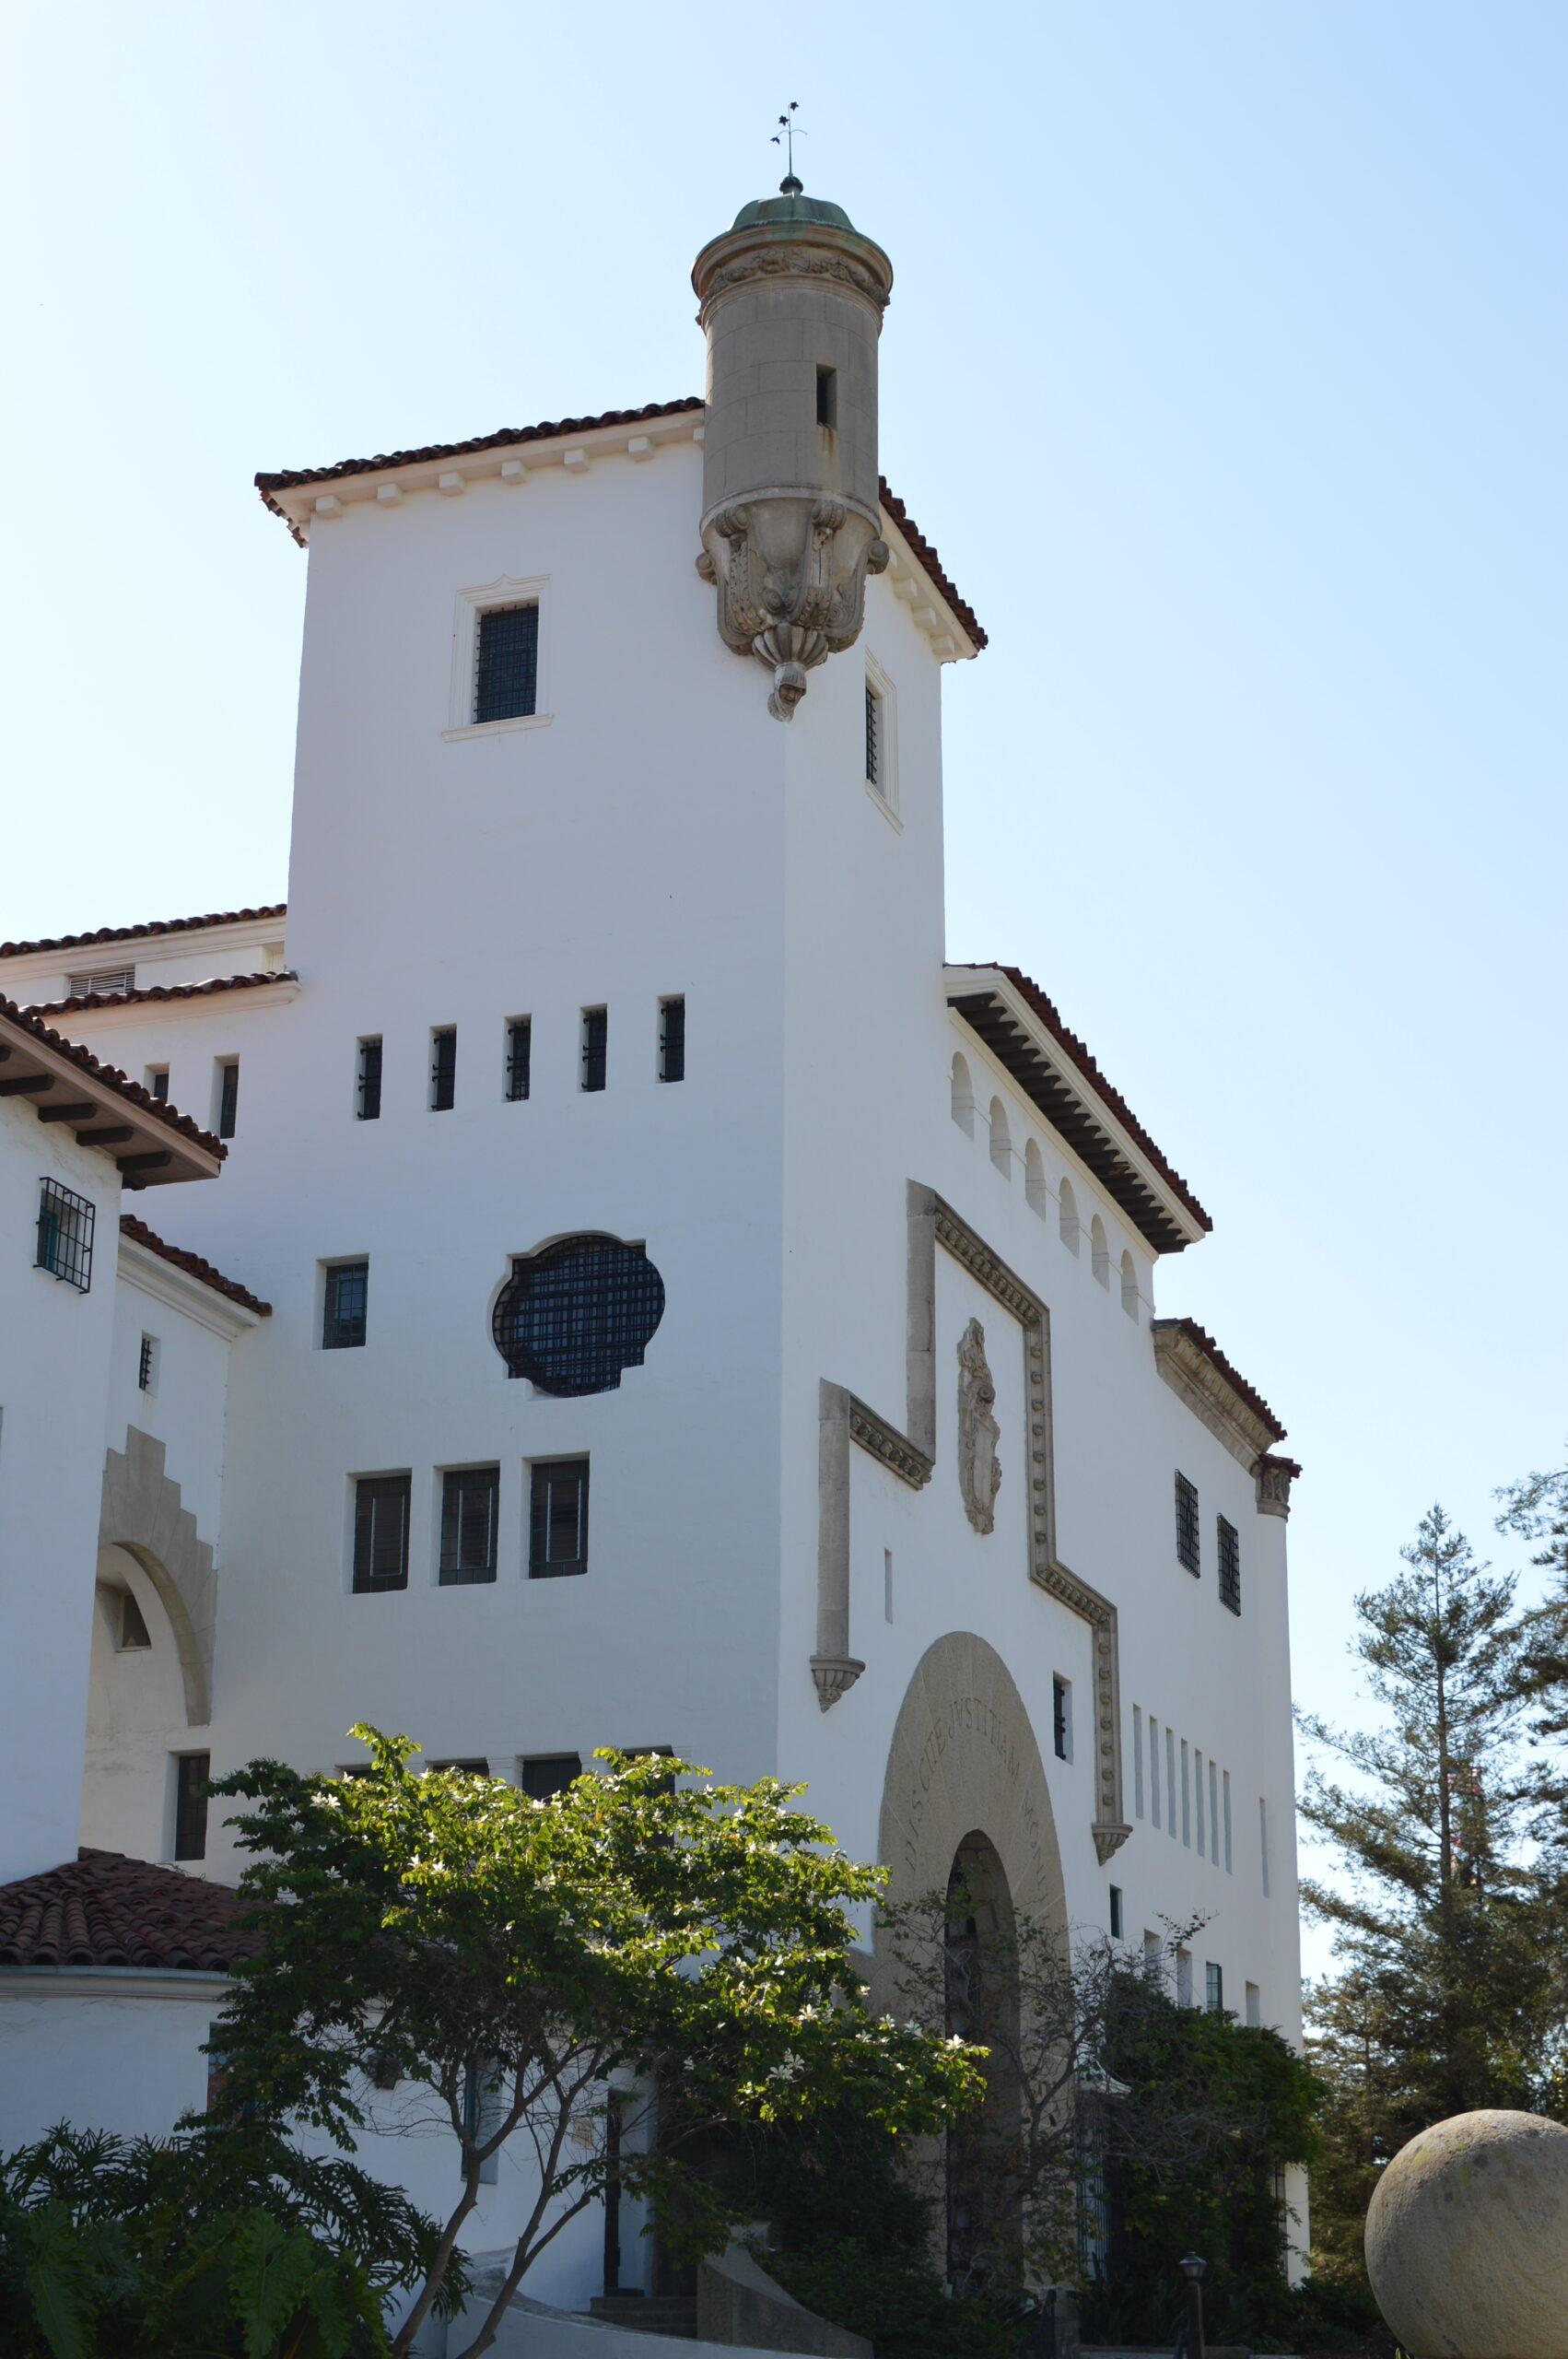 Unique architecture in Santa Barbara